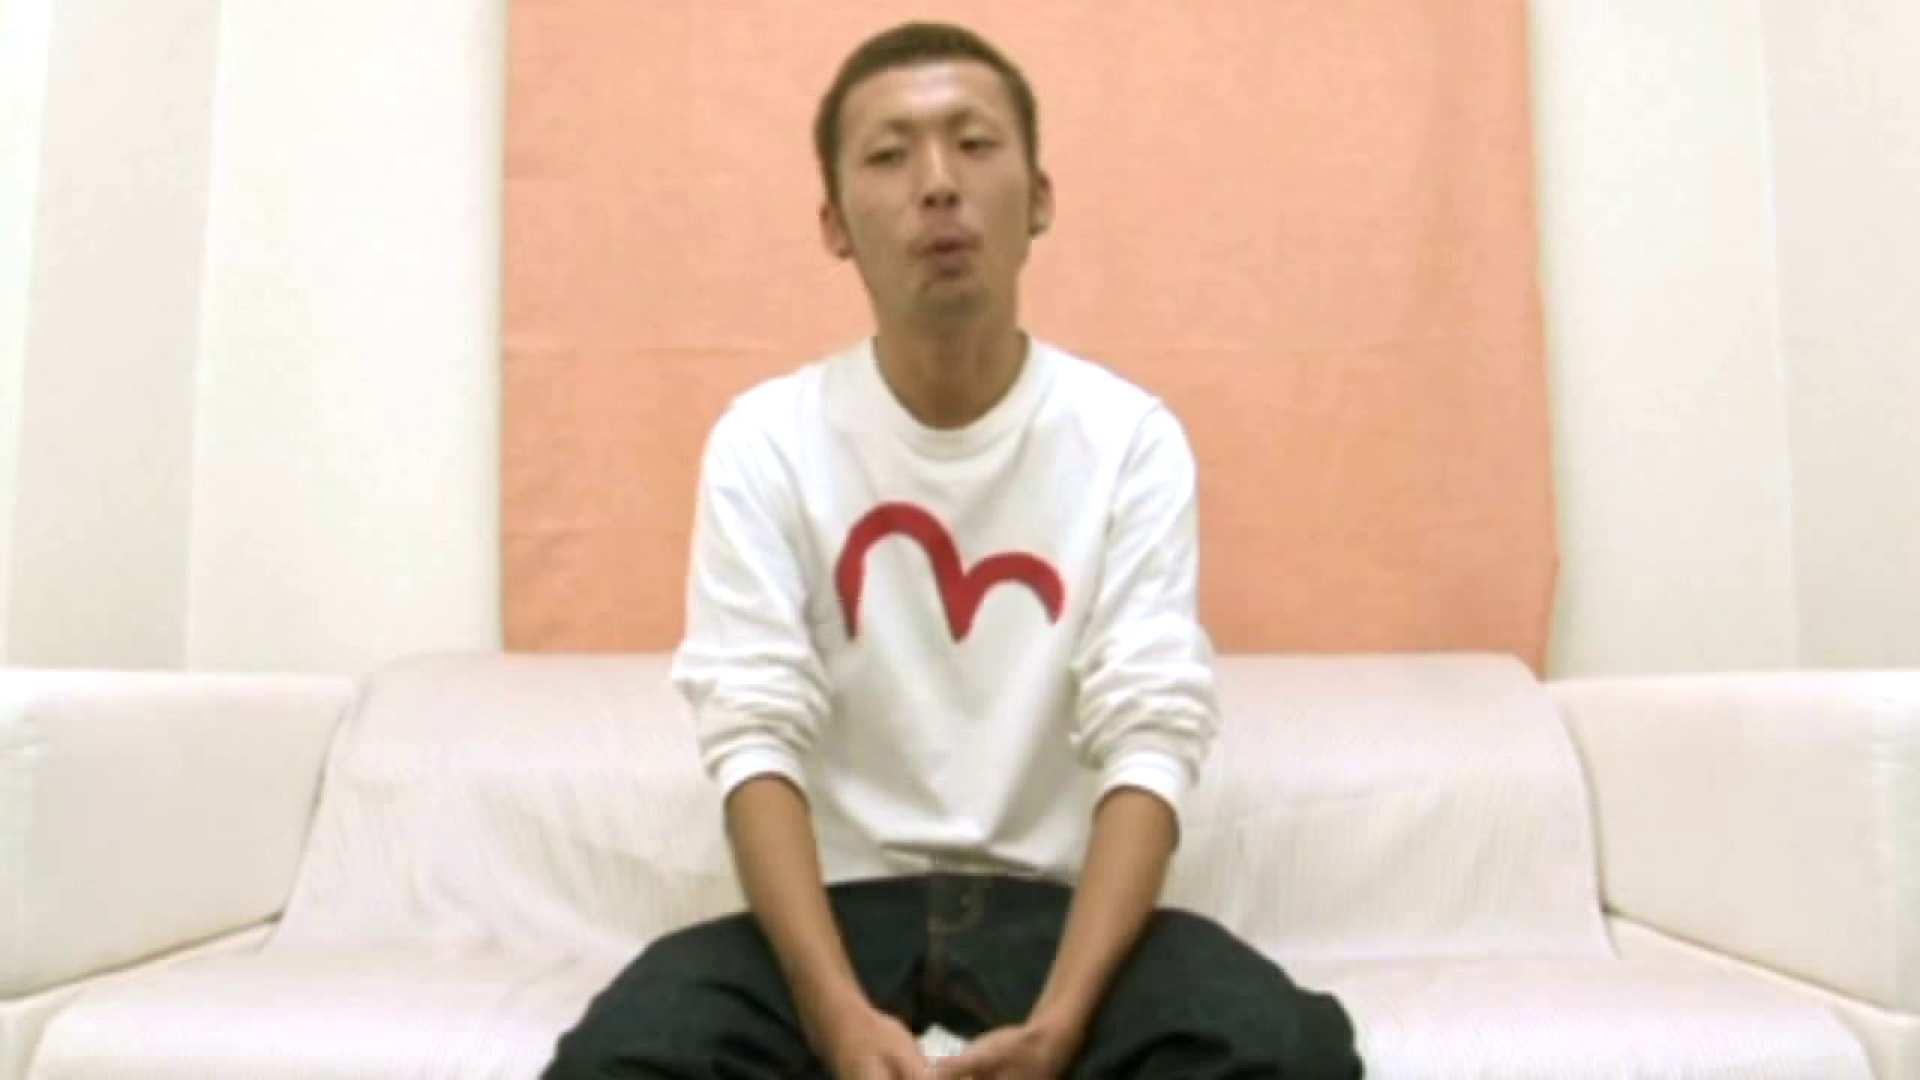 ノンケ!自慰スタジオ No.11 オナニー アダルトビデオ画像キャプチャ 88枚 29